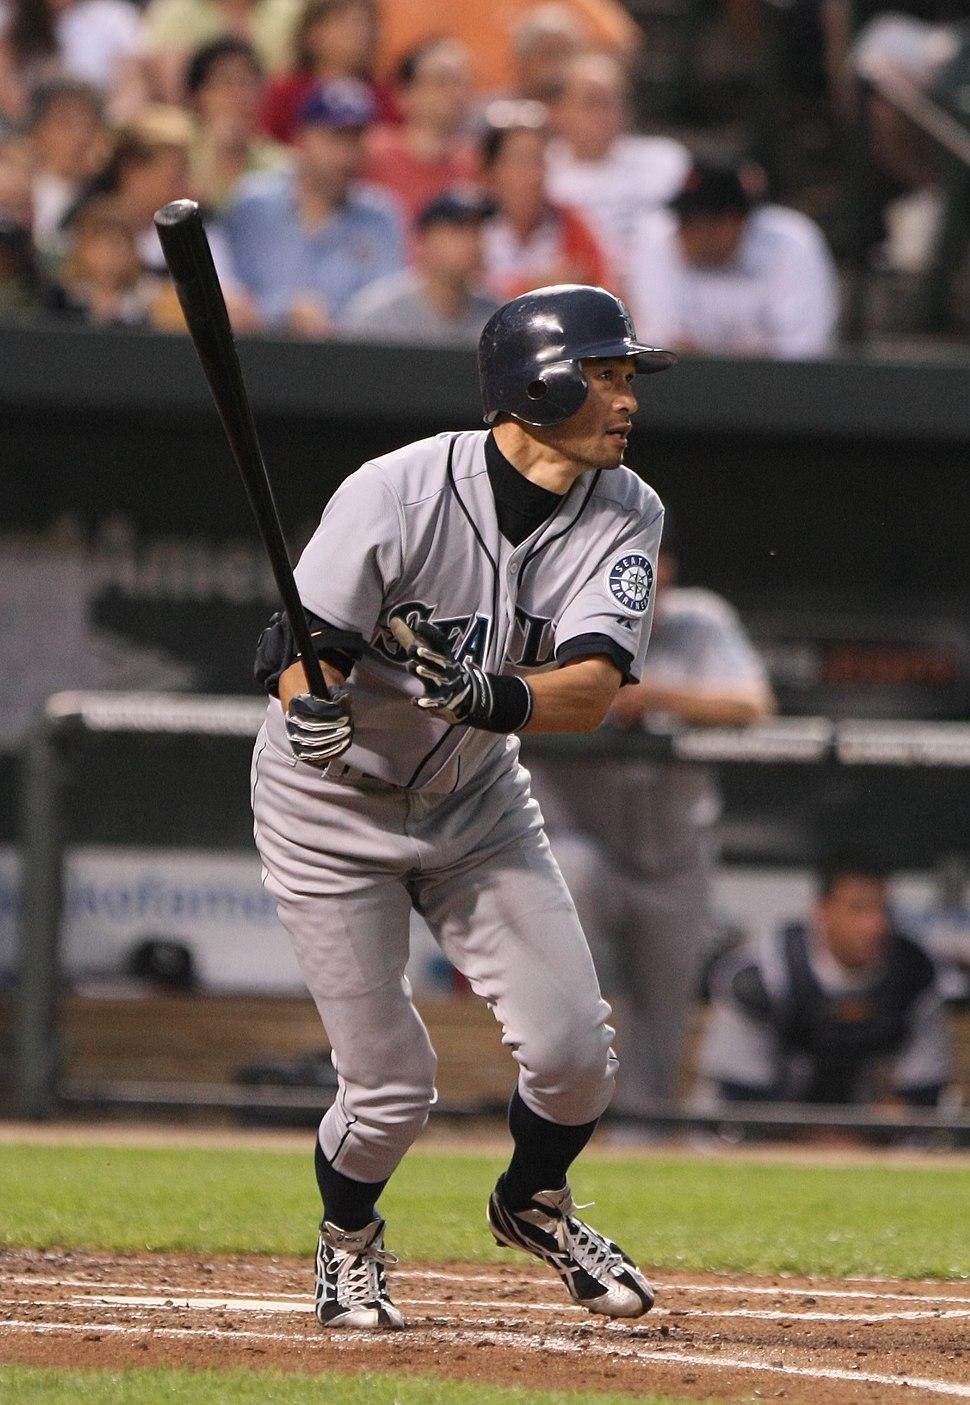 Ichiro Suzuki June 10, 2009